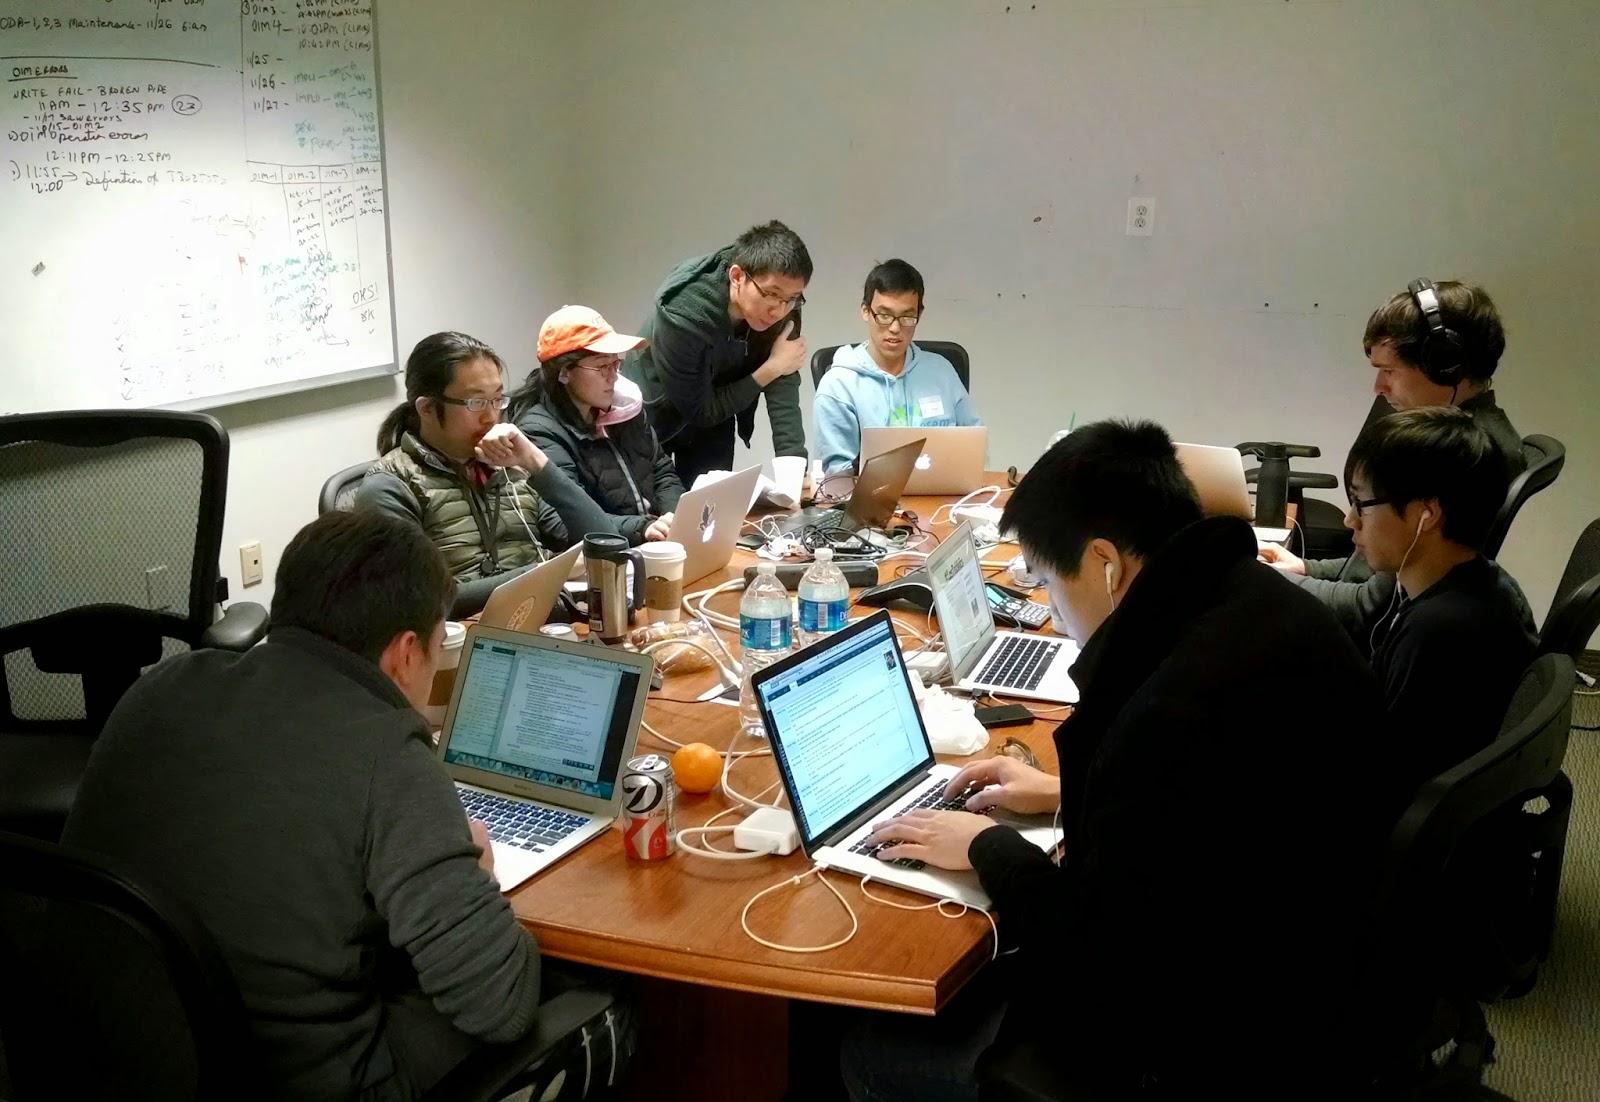 ekip çalışması, ekip, takım, team work